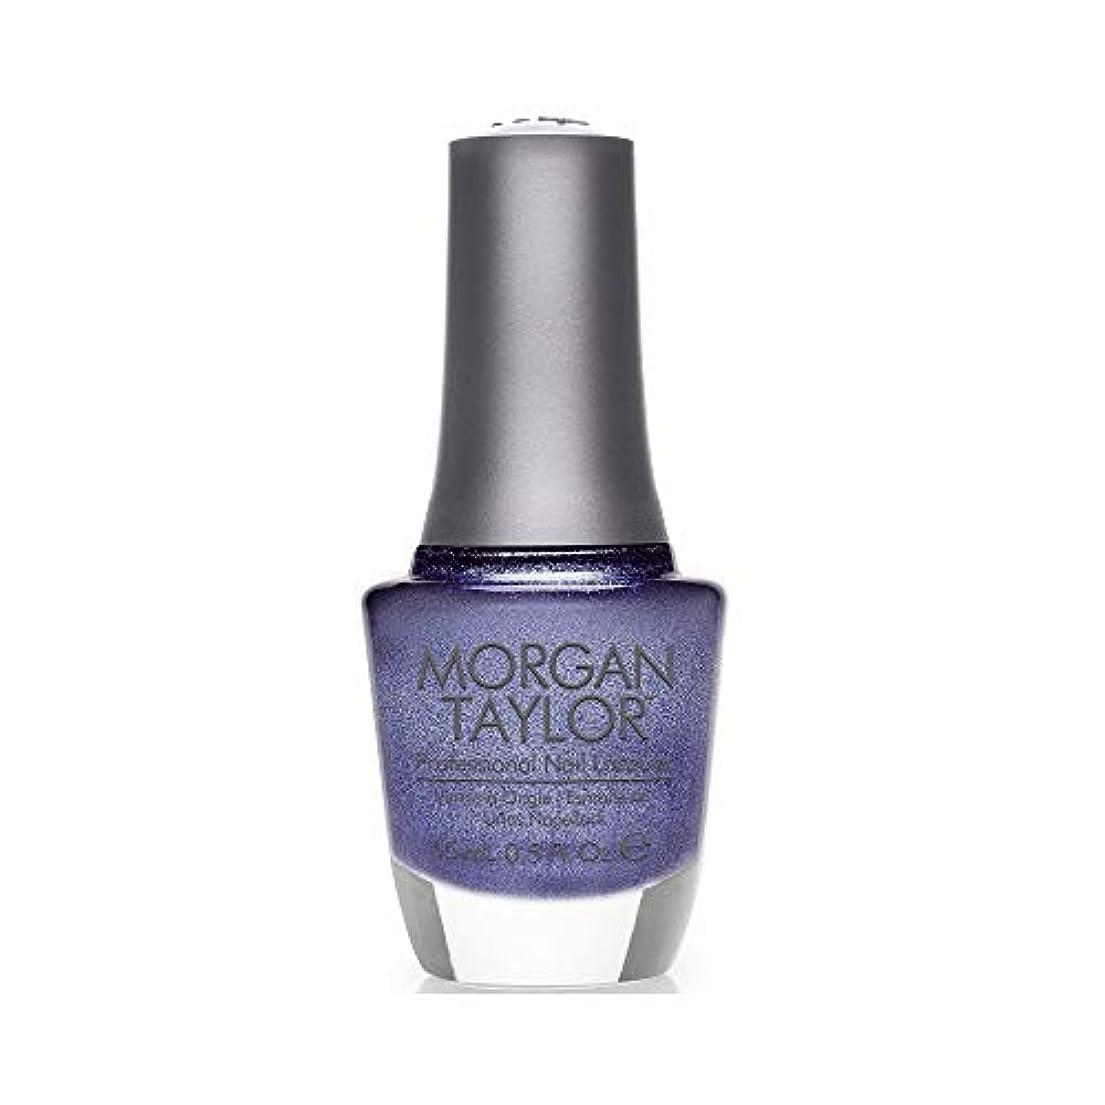 チャンピオンシップ検出器遠近法Morgan Taylor - Professional Nail Lacquer - Rhythm and Blues - 15 mL/0.5oz